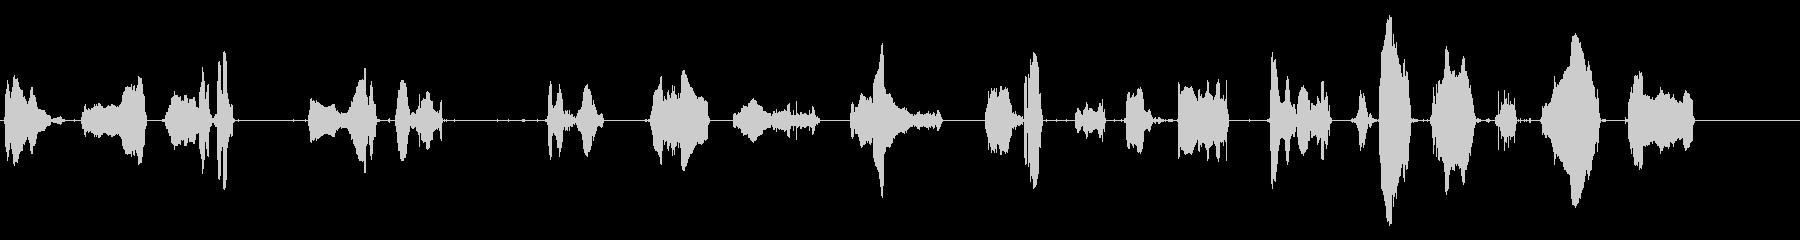 カモメ4の未再生の波形